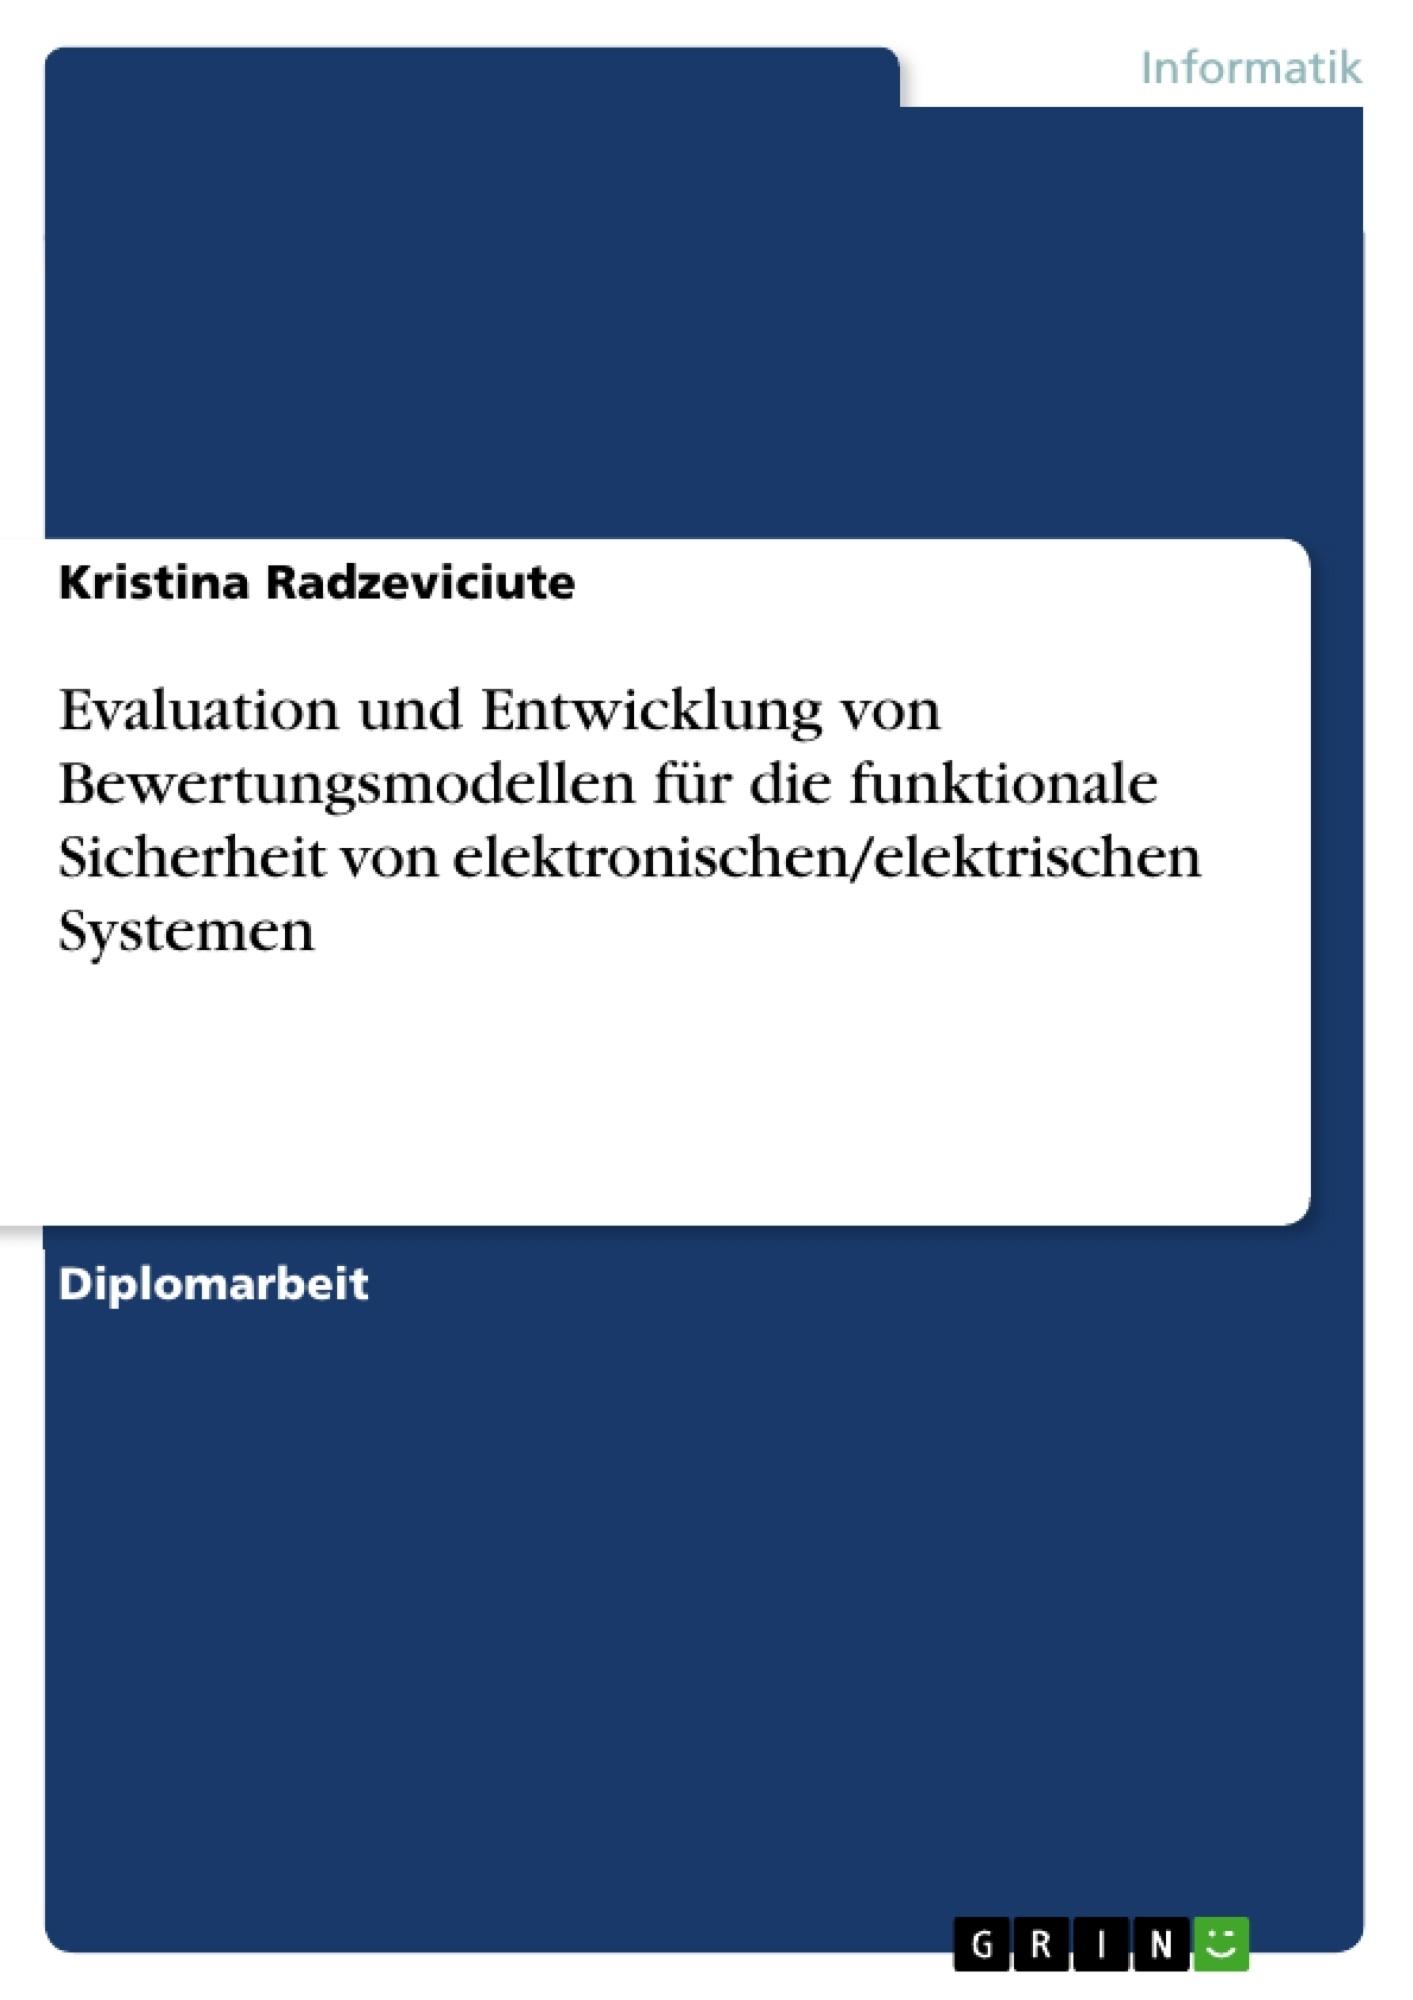 Titel: Evaluation und Entwicklung von Bewertungsmodellen für die funktionale Sicherheit von elektronischen/elektrischen Systemen